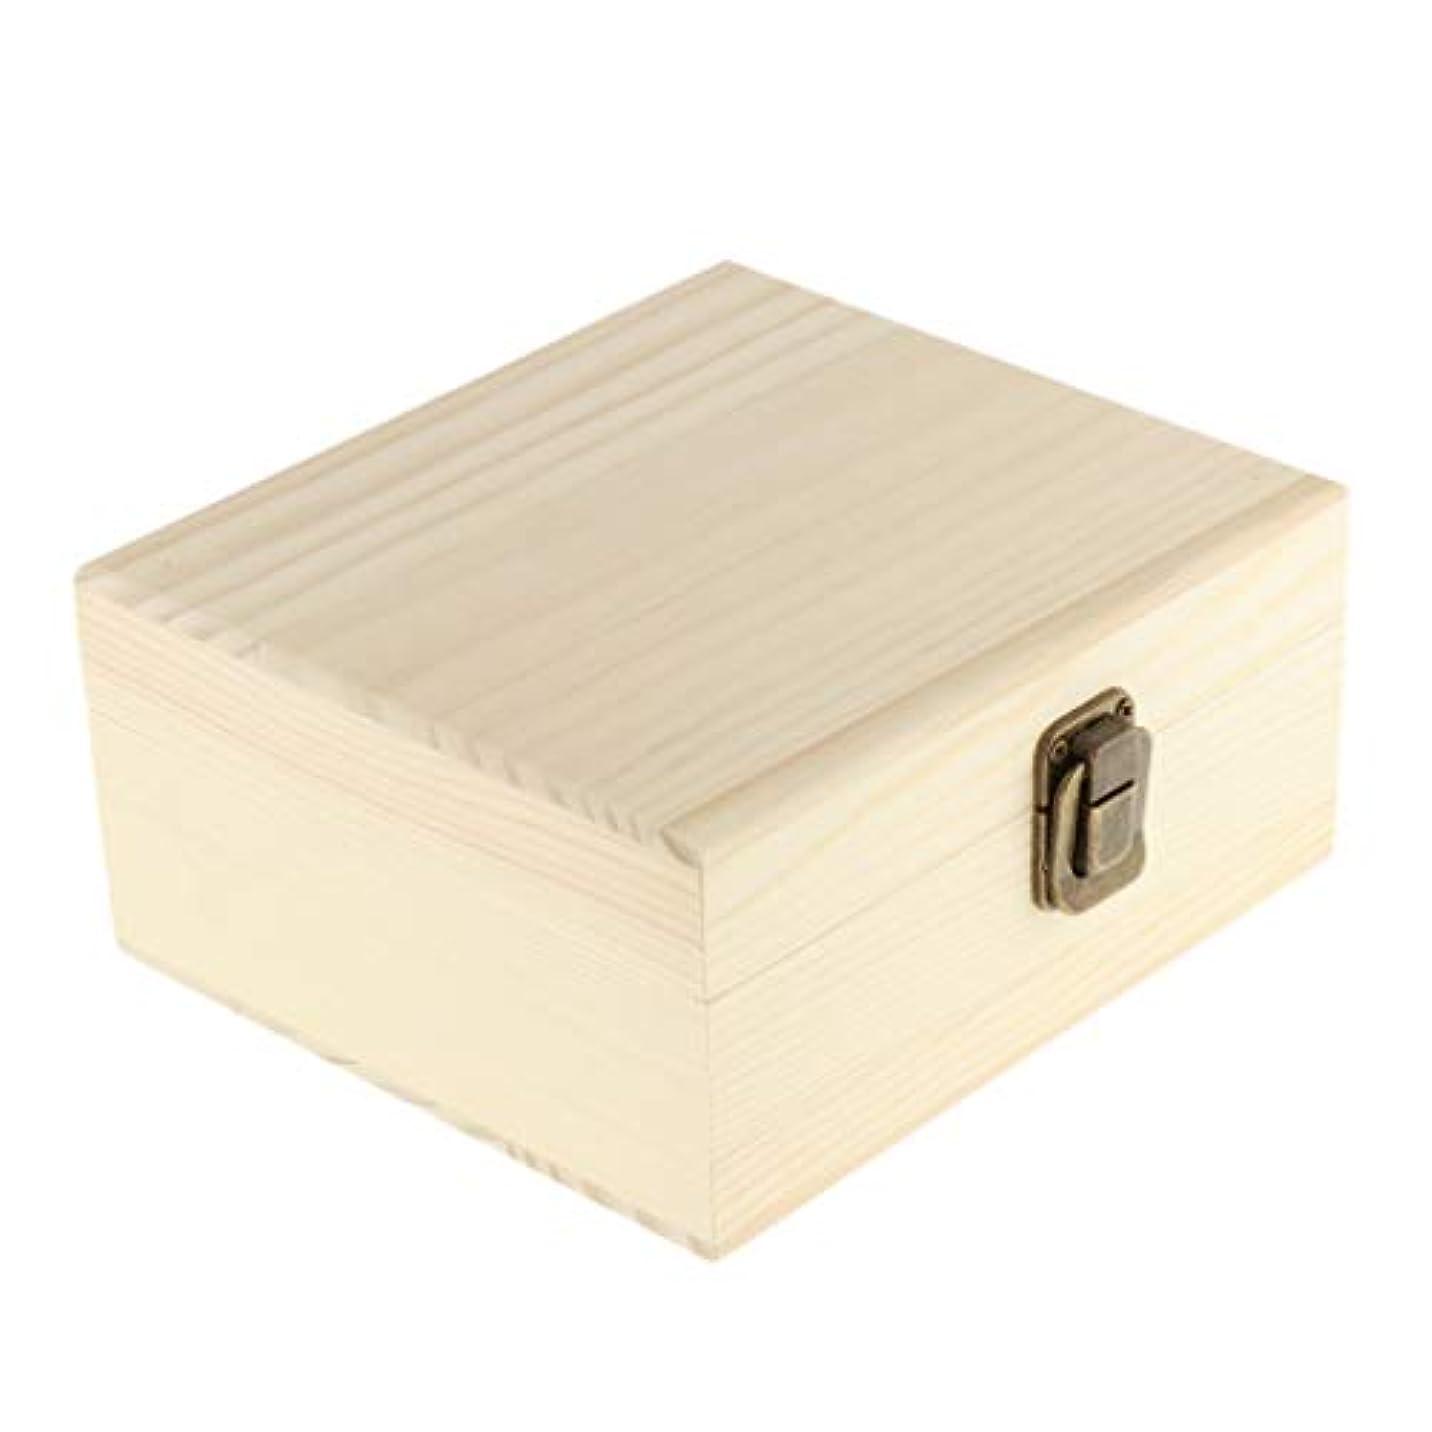 変動する郵便共役エッセンシャルオイル ケース 携帯用 アロマケース メイク 精油ケース 大容量 アロマセラピストポーチ